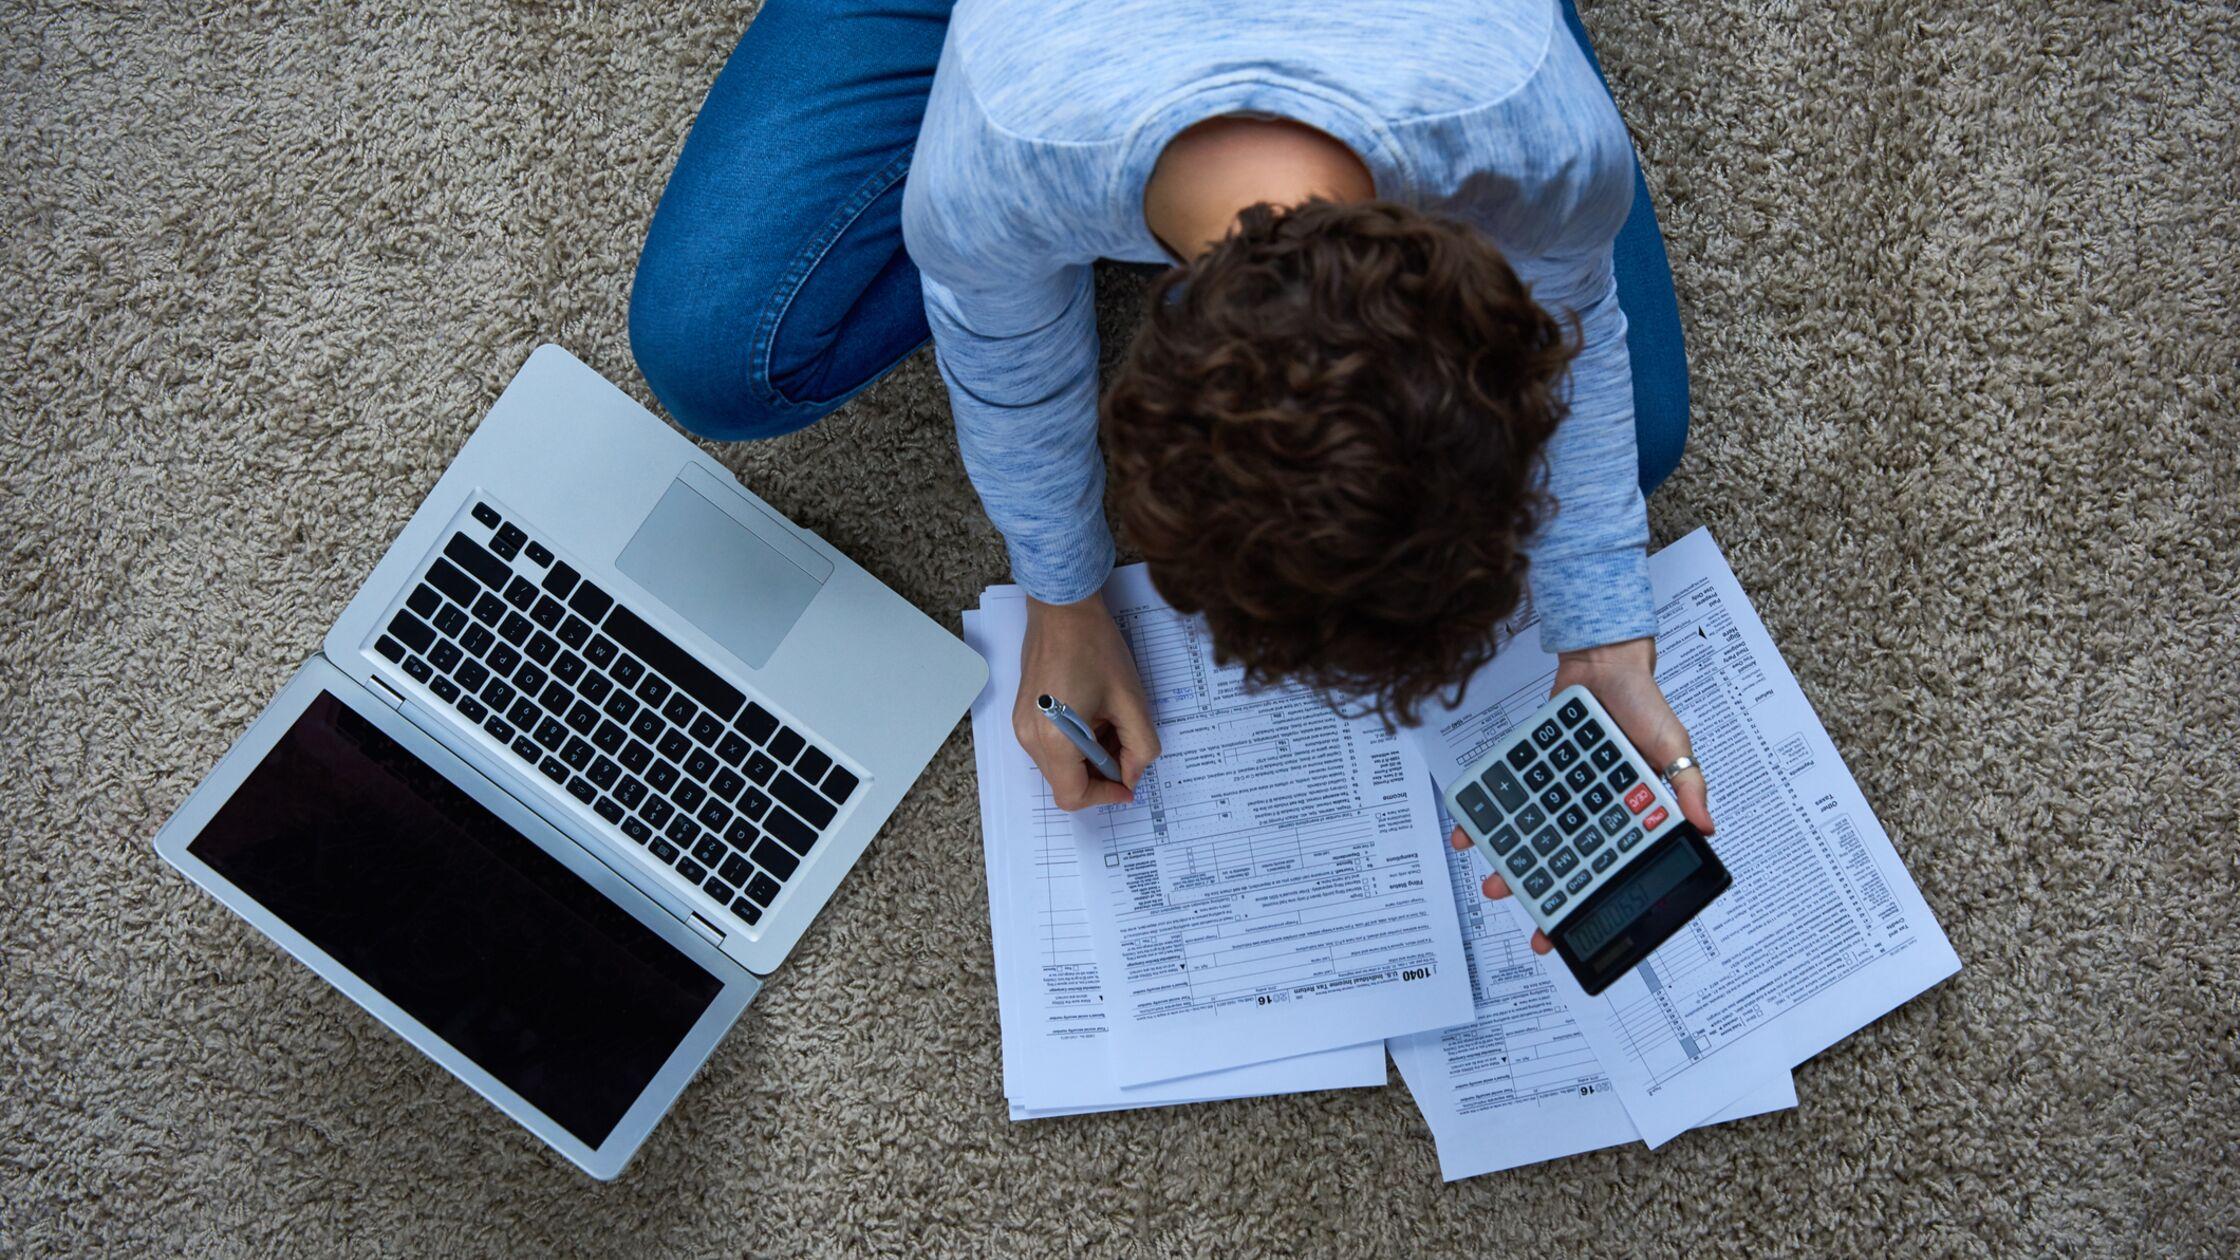 Umzugskostenpauschale Co Umzugskosten Von Der Steuer Absetzen